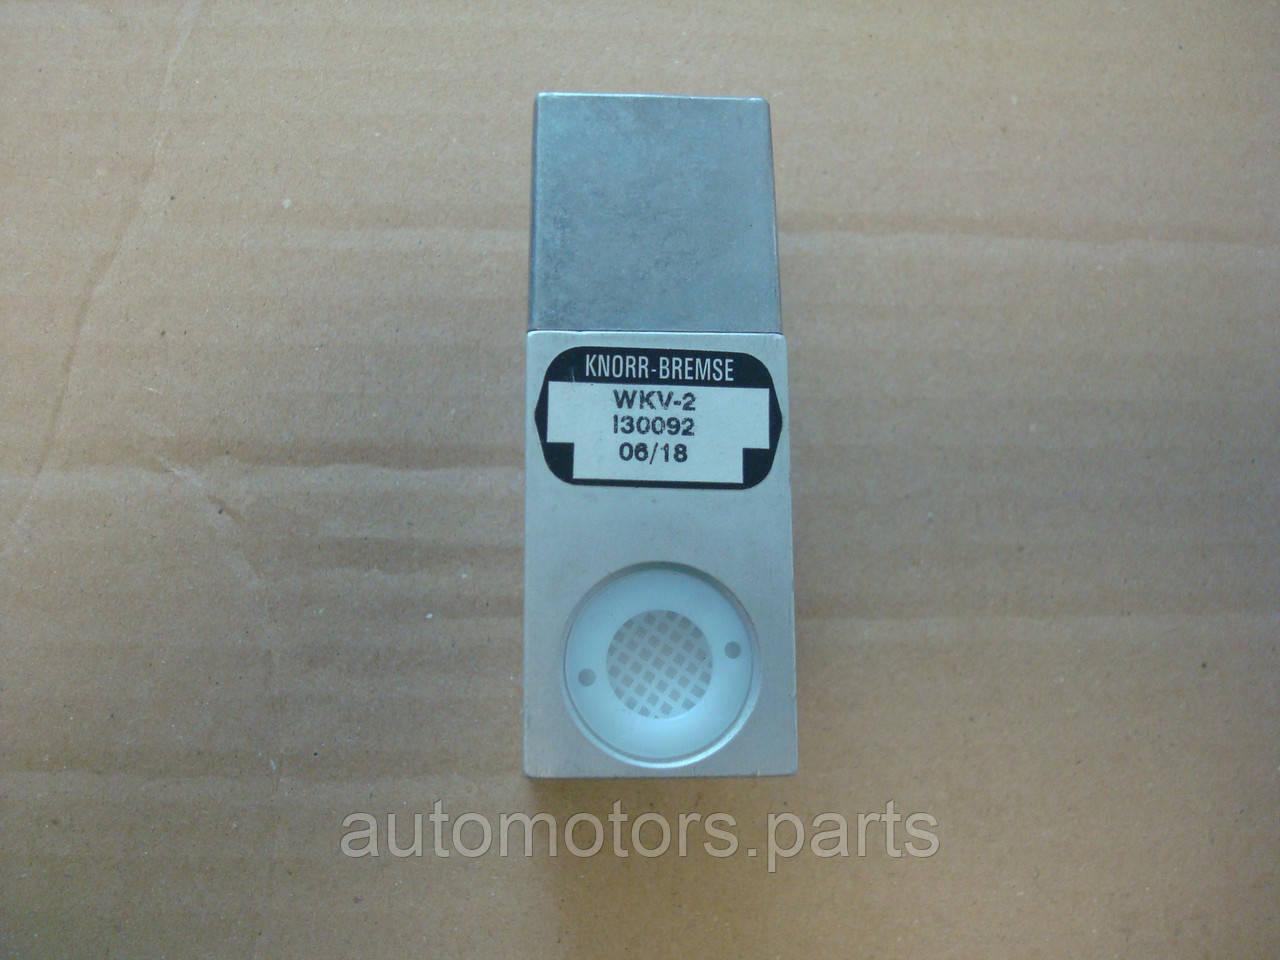 Клапан управления 3/2 WKV-2 / I30092 Knorr-Bremse